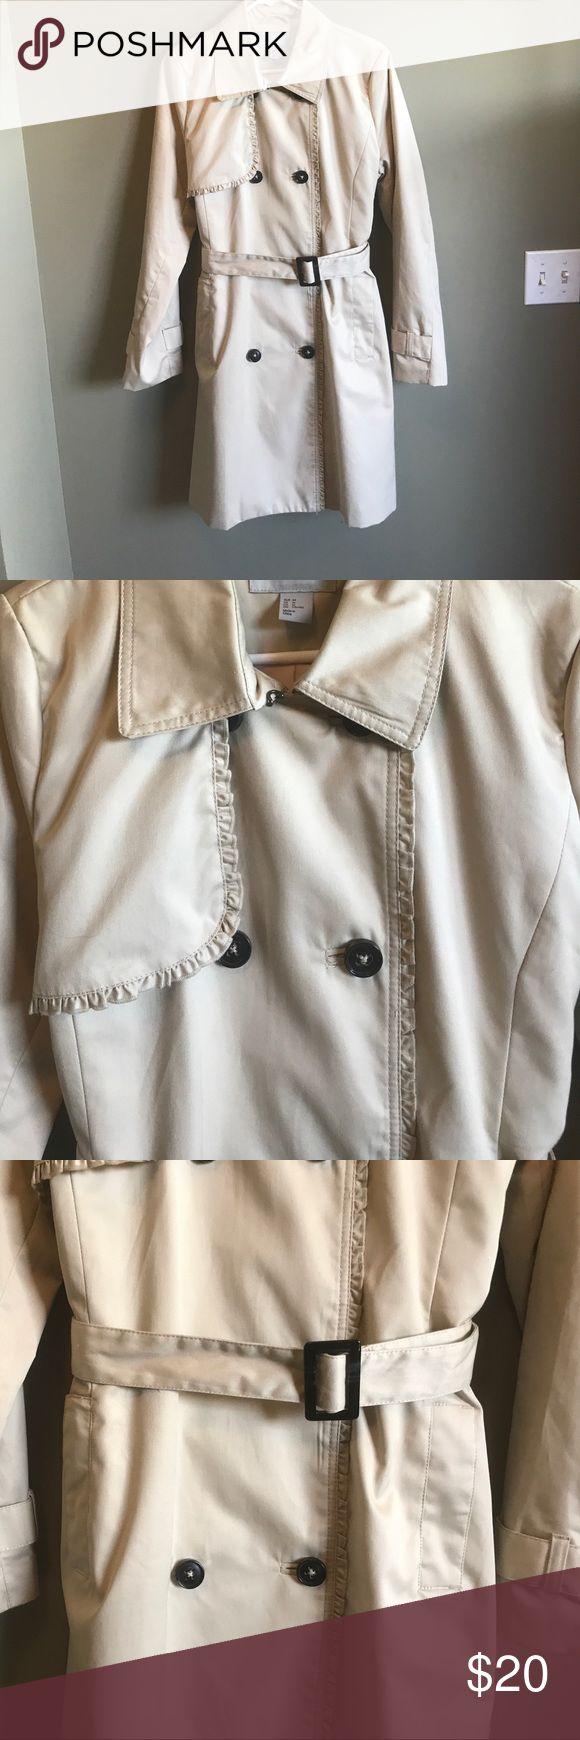 H & M Coat Worn once. H & M Jackets & Coats